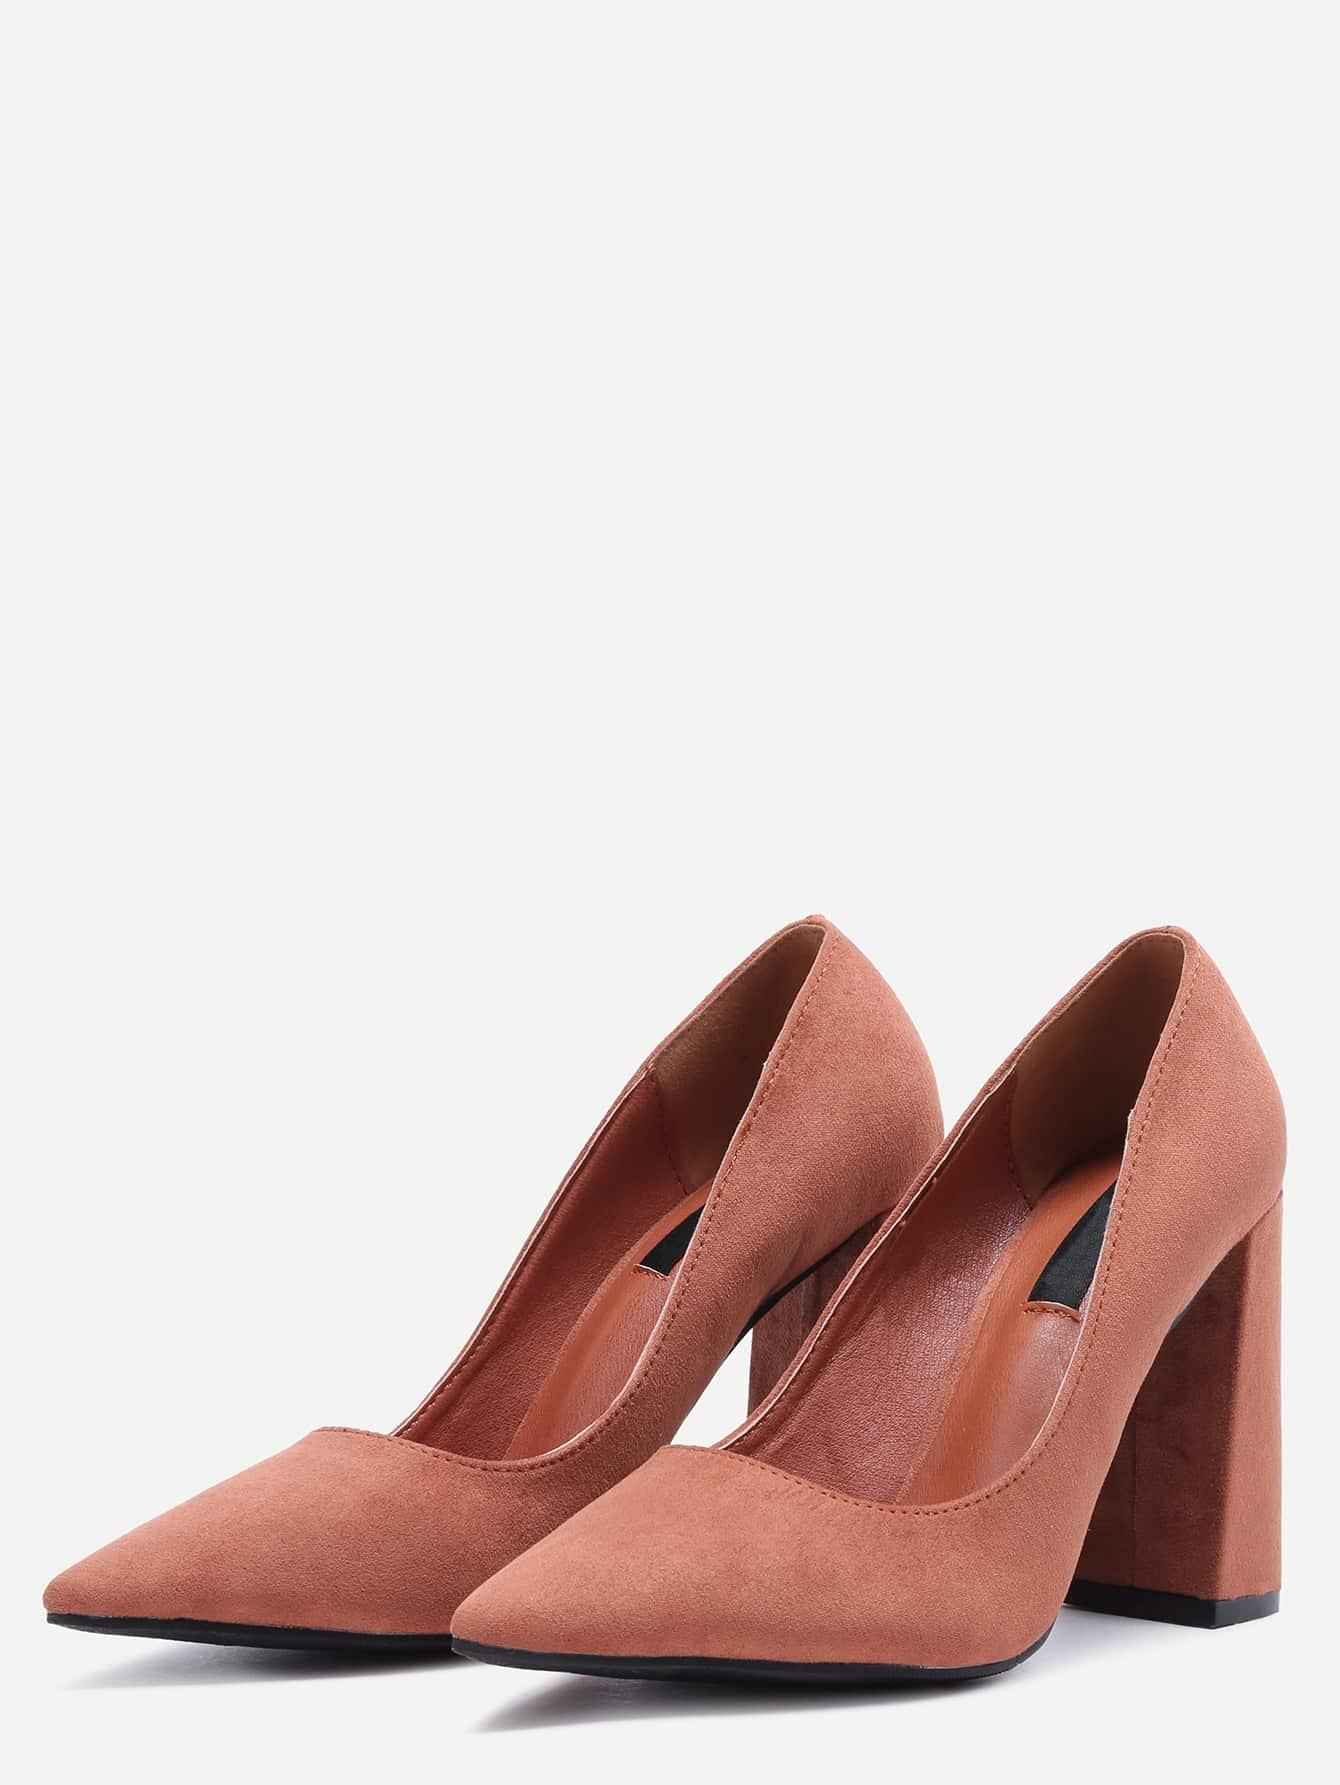 shoes161125802_2